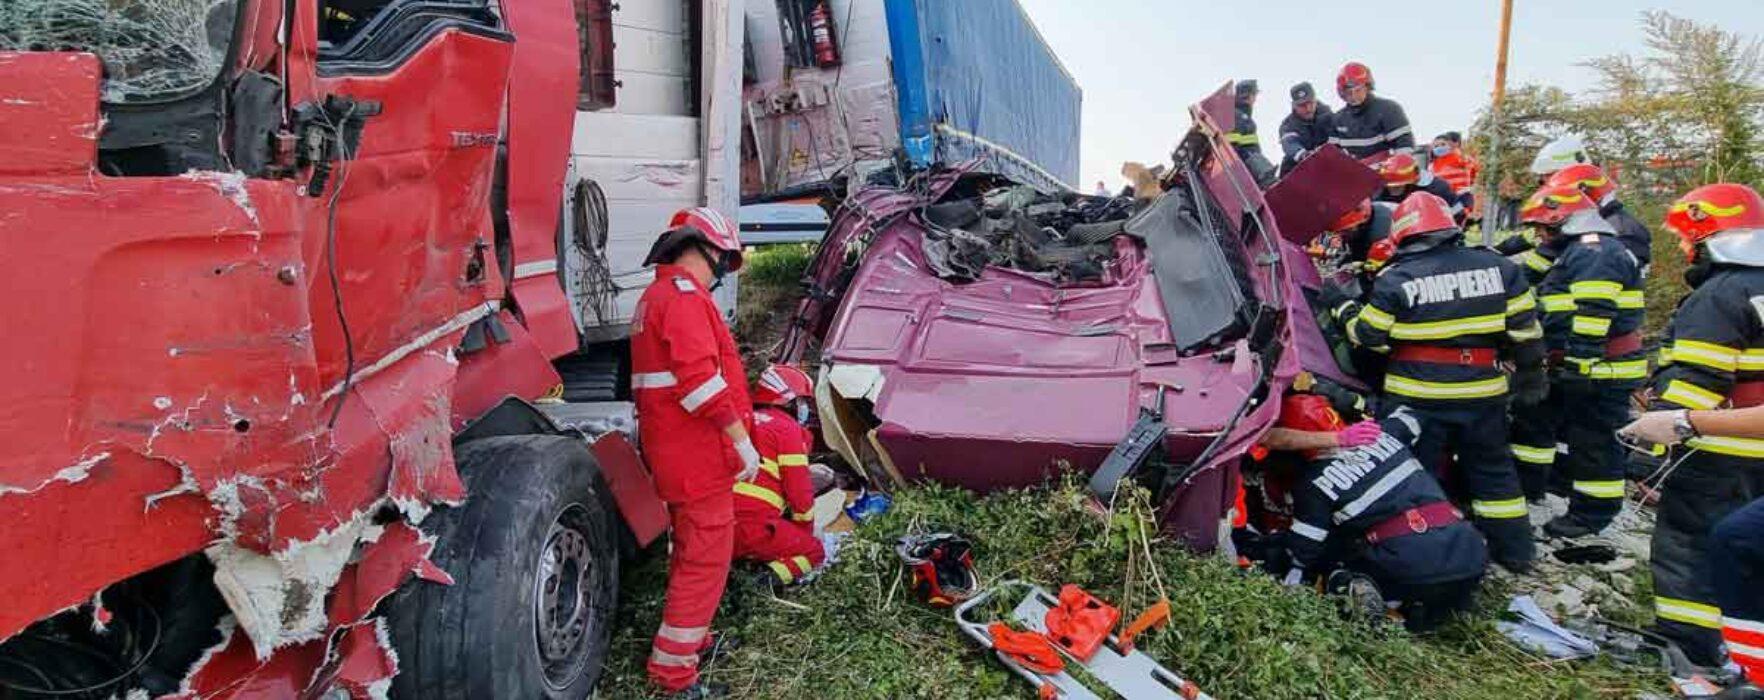 Dâmboviţa: Accident pe DN72 în care sunt implicate două TIR-uri şi un autoturism